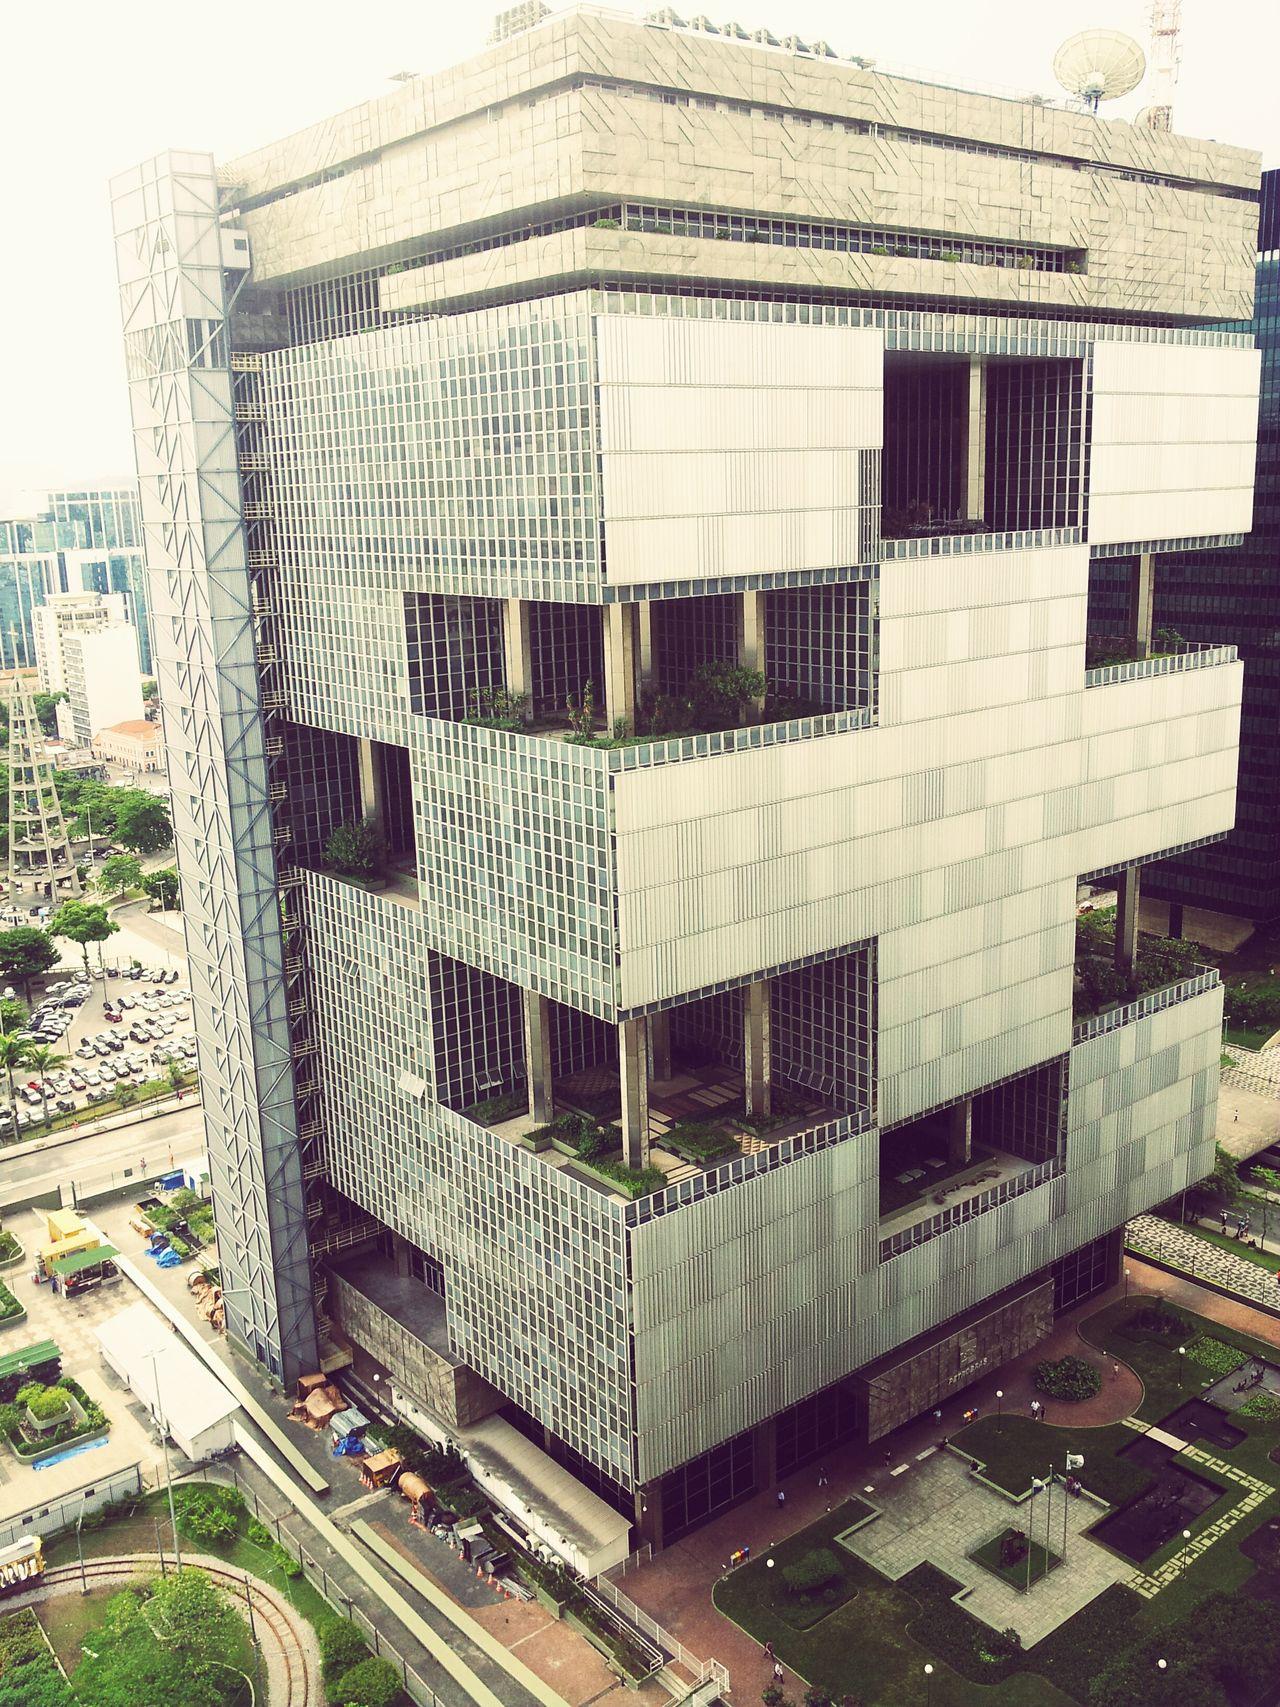 Amazing Architecture Edificio Petrobras Brasil Riodejaneiro Rio De Janeiro Brazil ❤ Petrobras